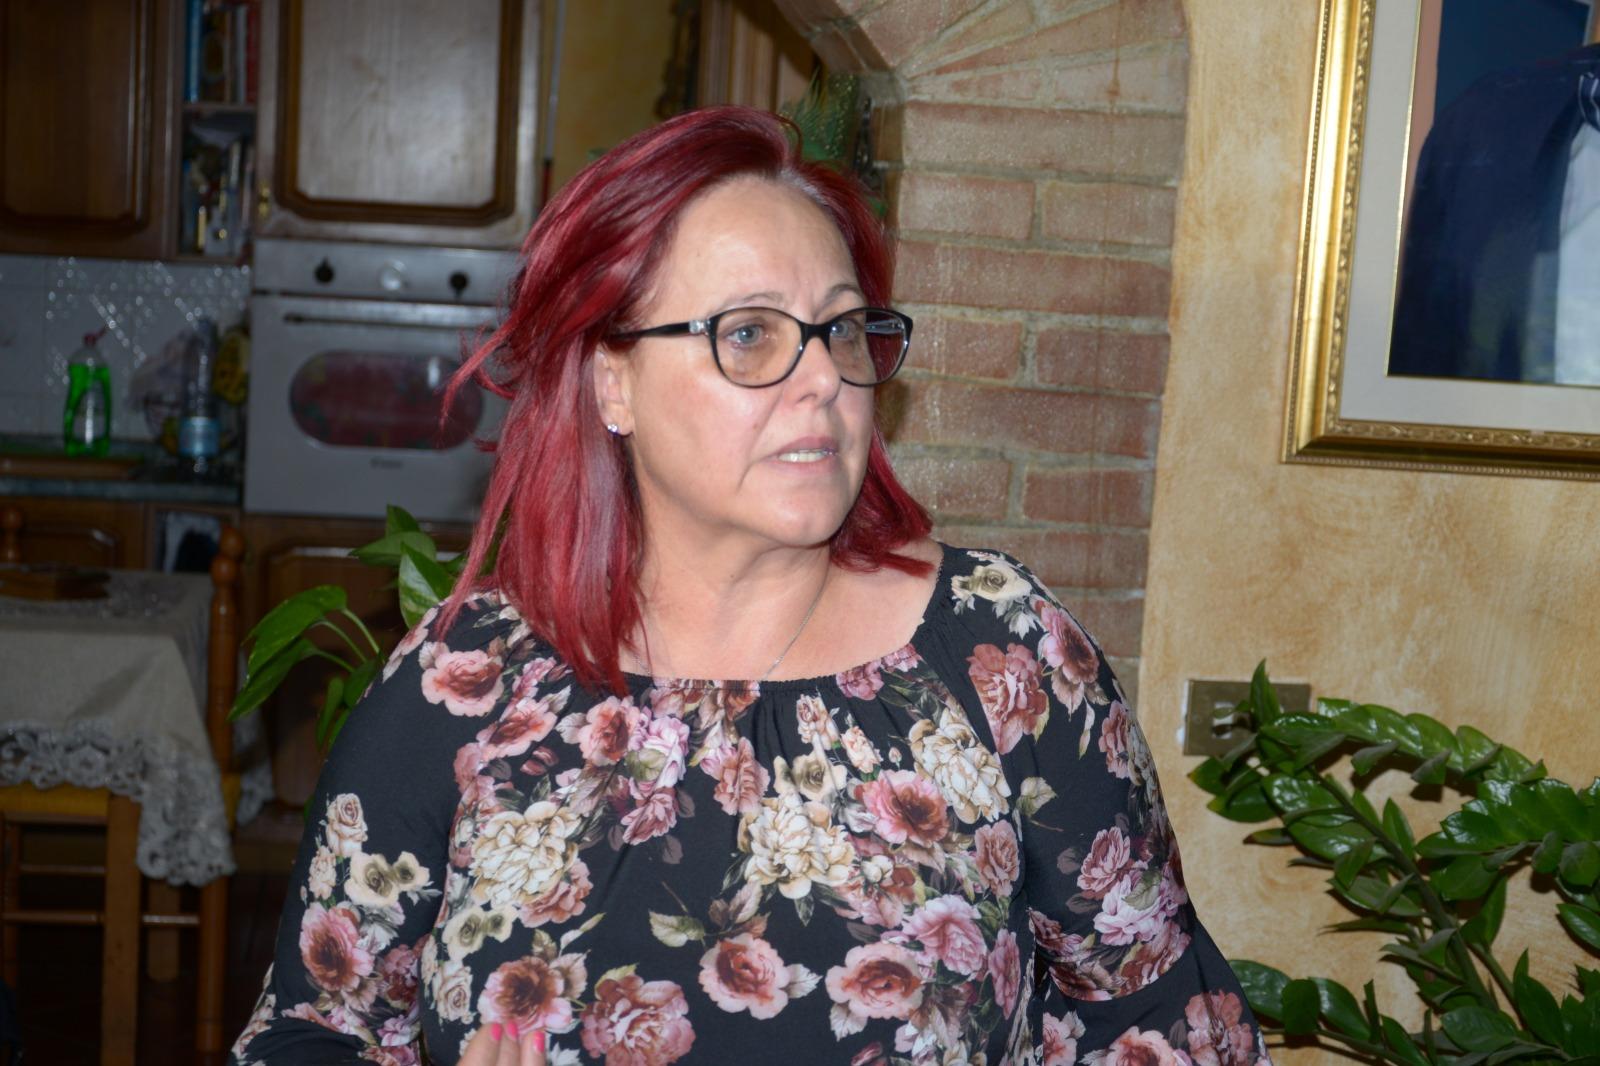 Omicidio Vangeli, le struggenti parole di mamma Elsa«Forse adesso iniziamo ad avere un po' di giustizia»